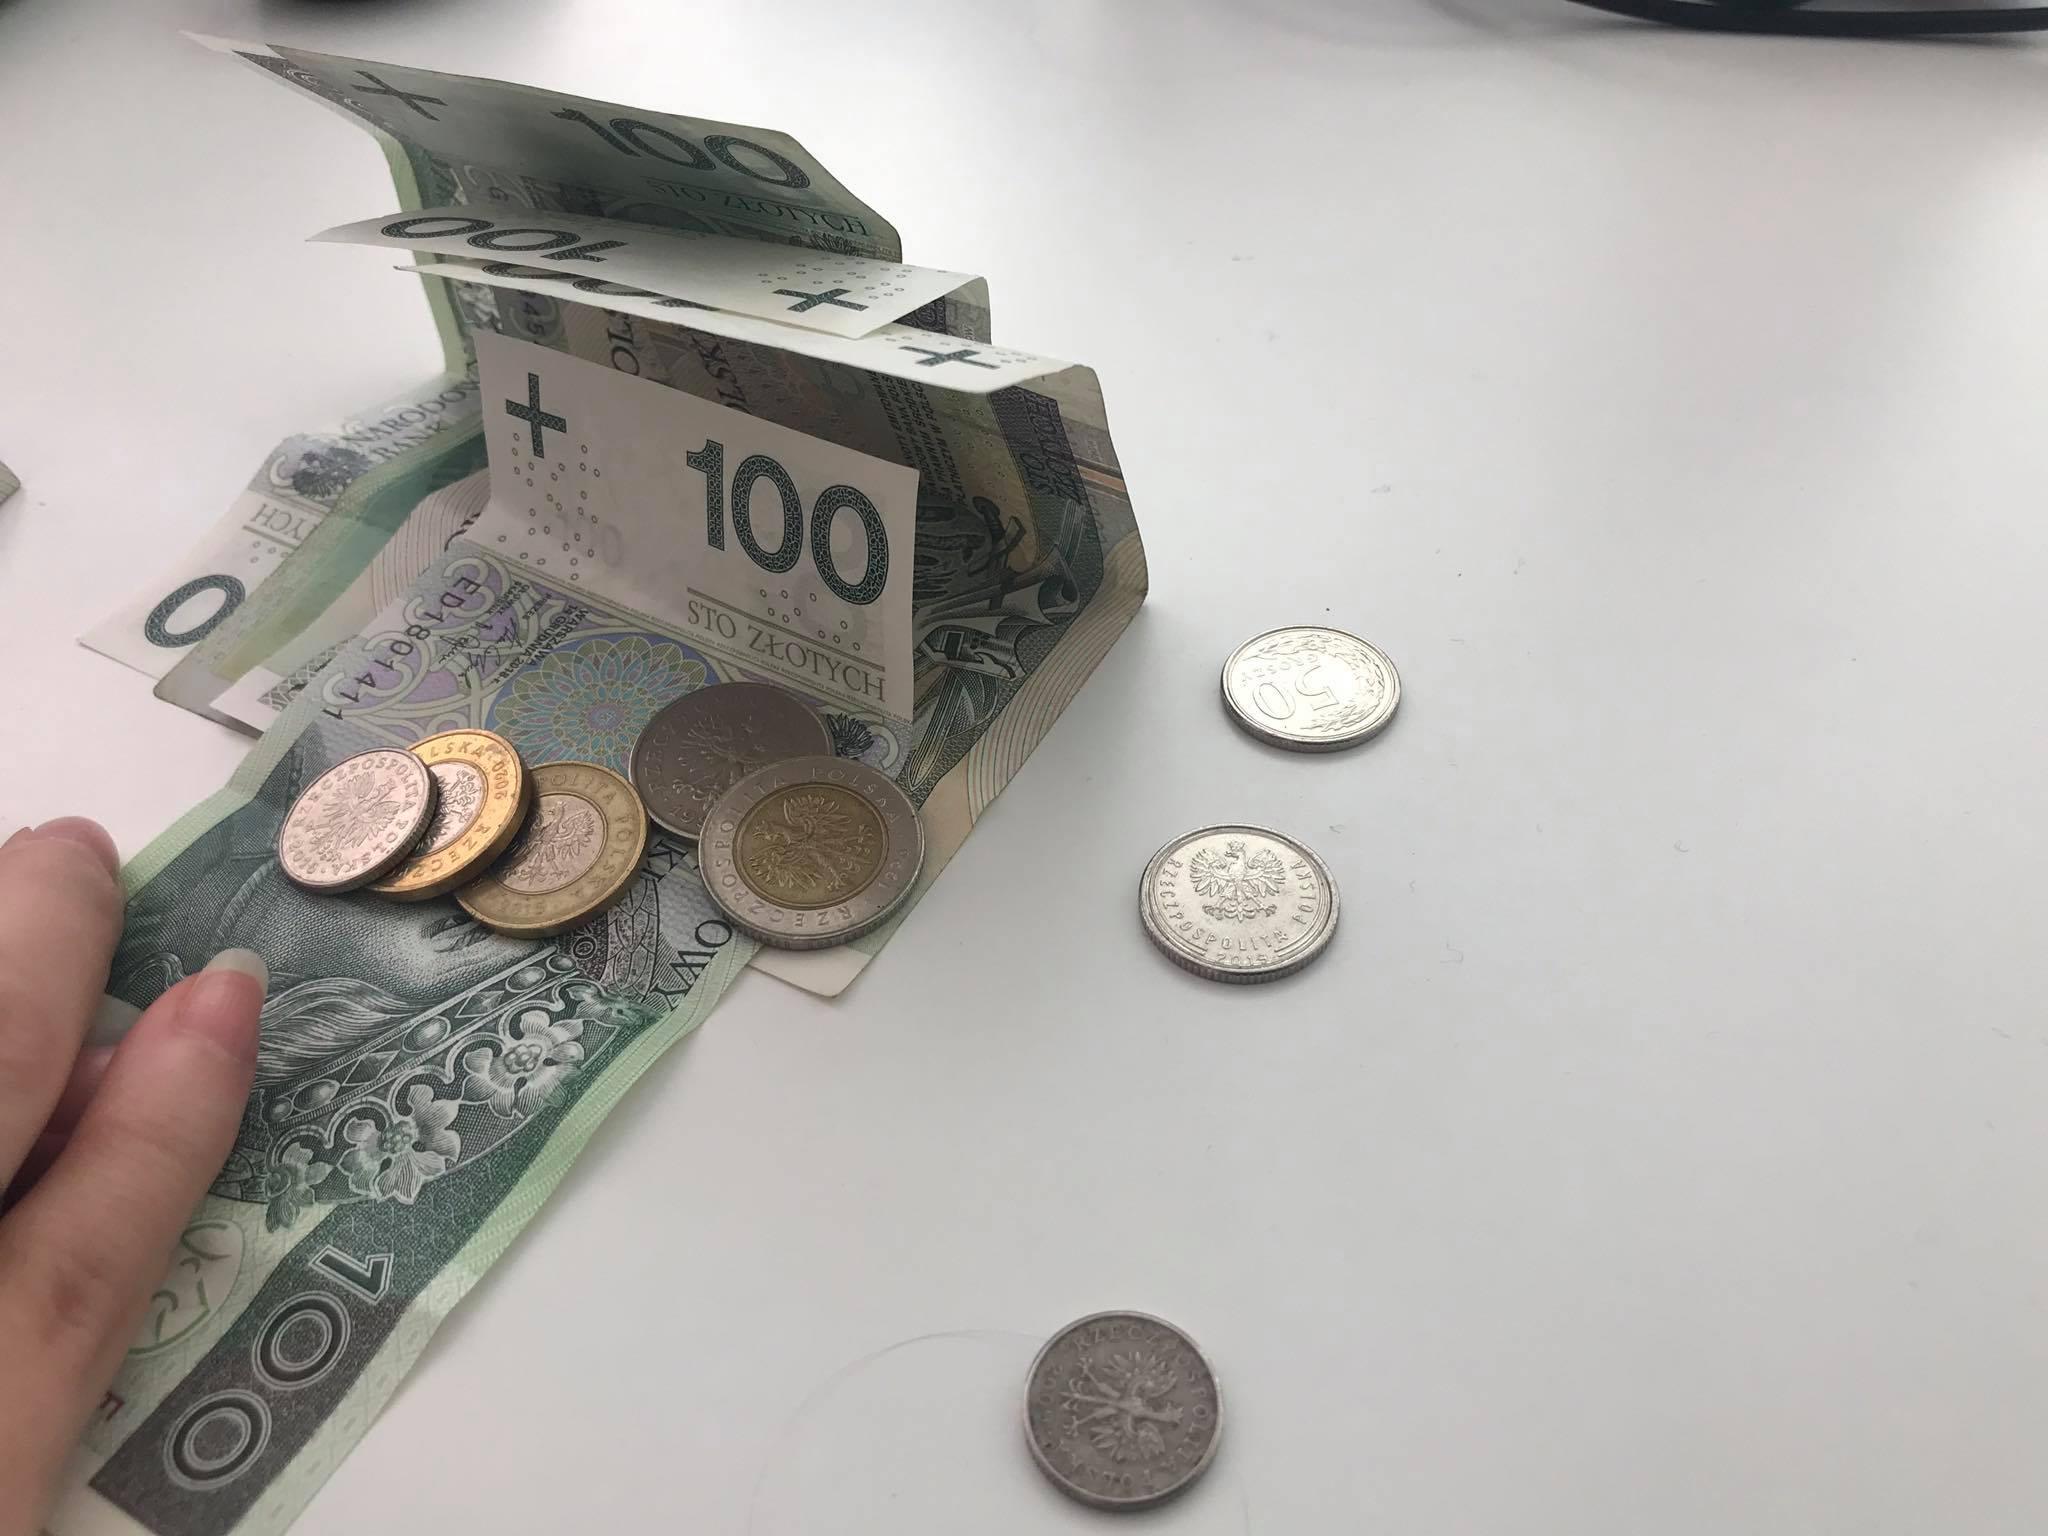 Otwarty Fundusz Emerytalny idzie do likwidacji. Środki trafią na indywidualne konta emerytalne